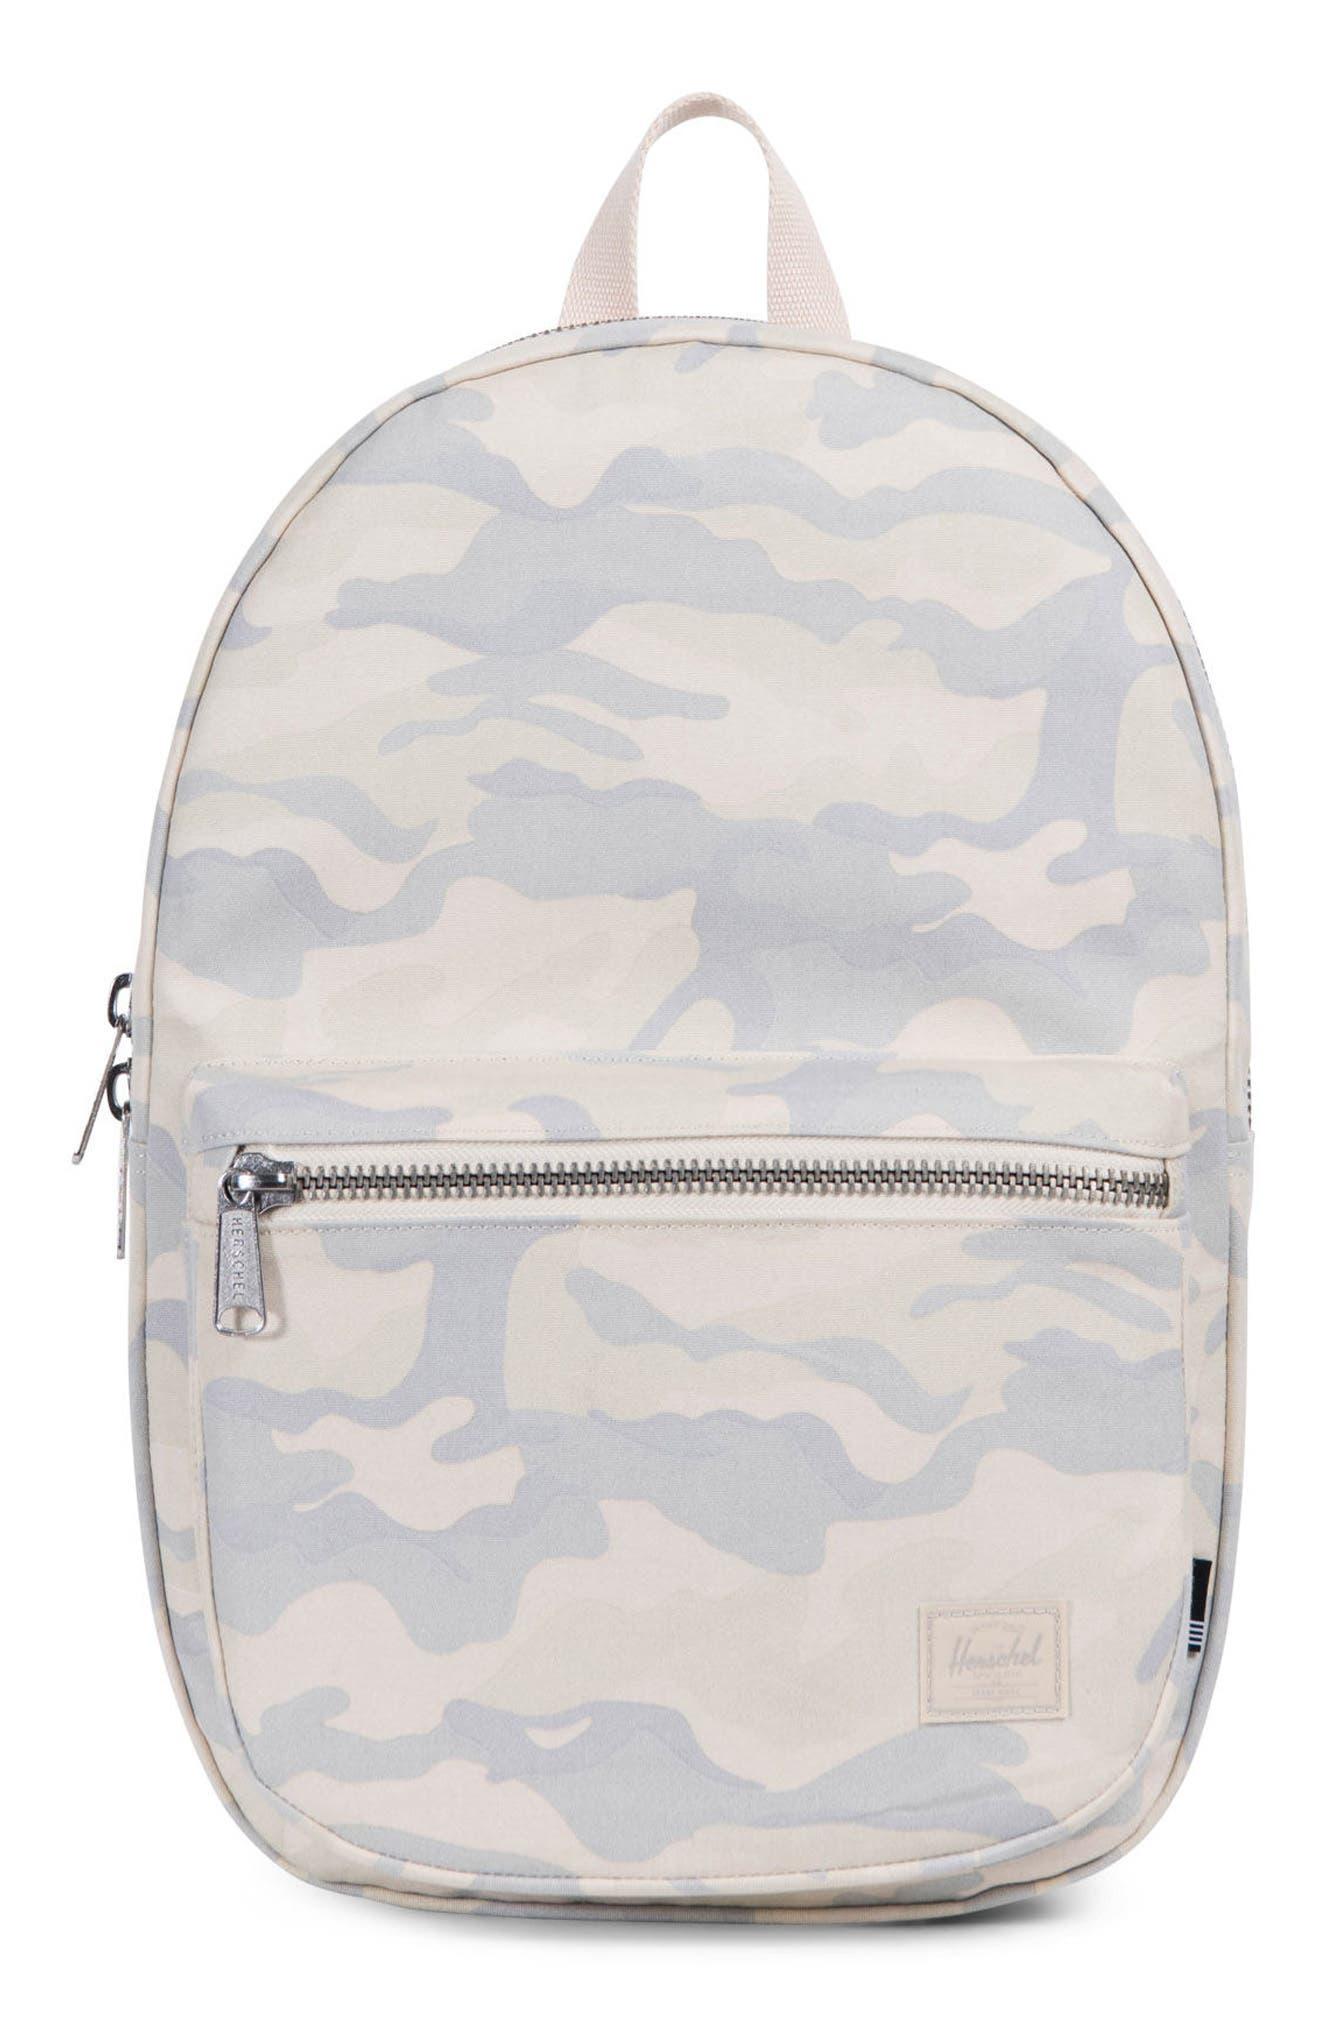 Lawson Backpack,                             Main thumbnail 1, color,                             250